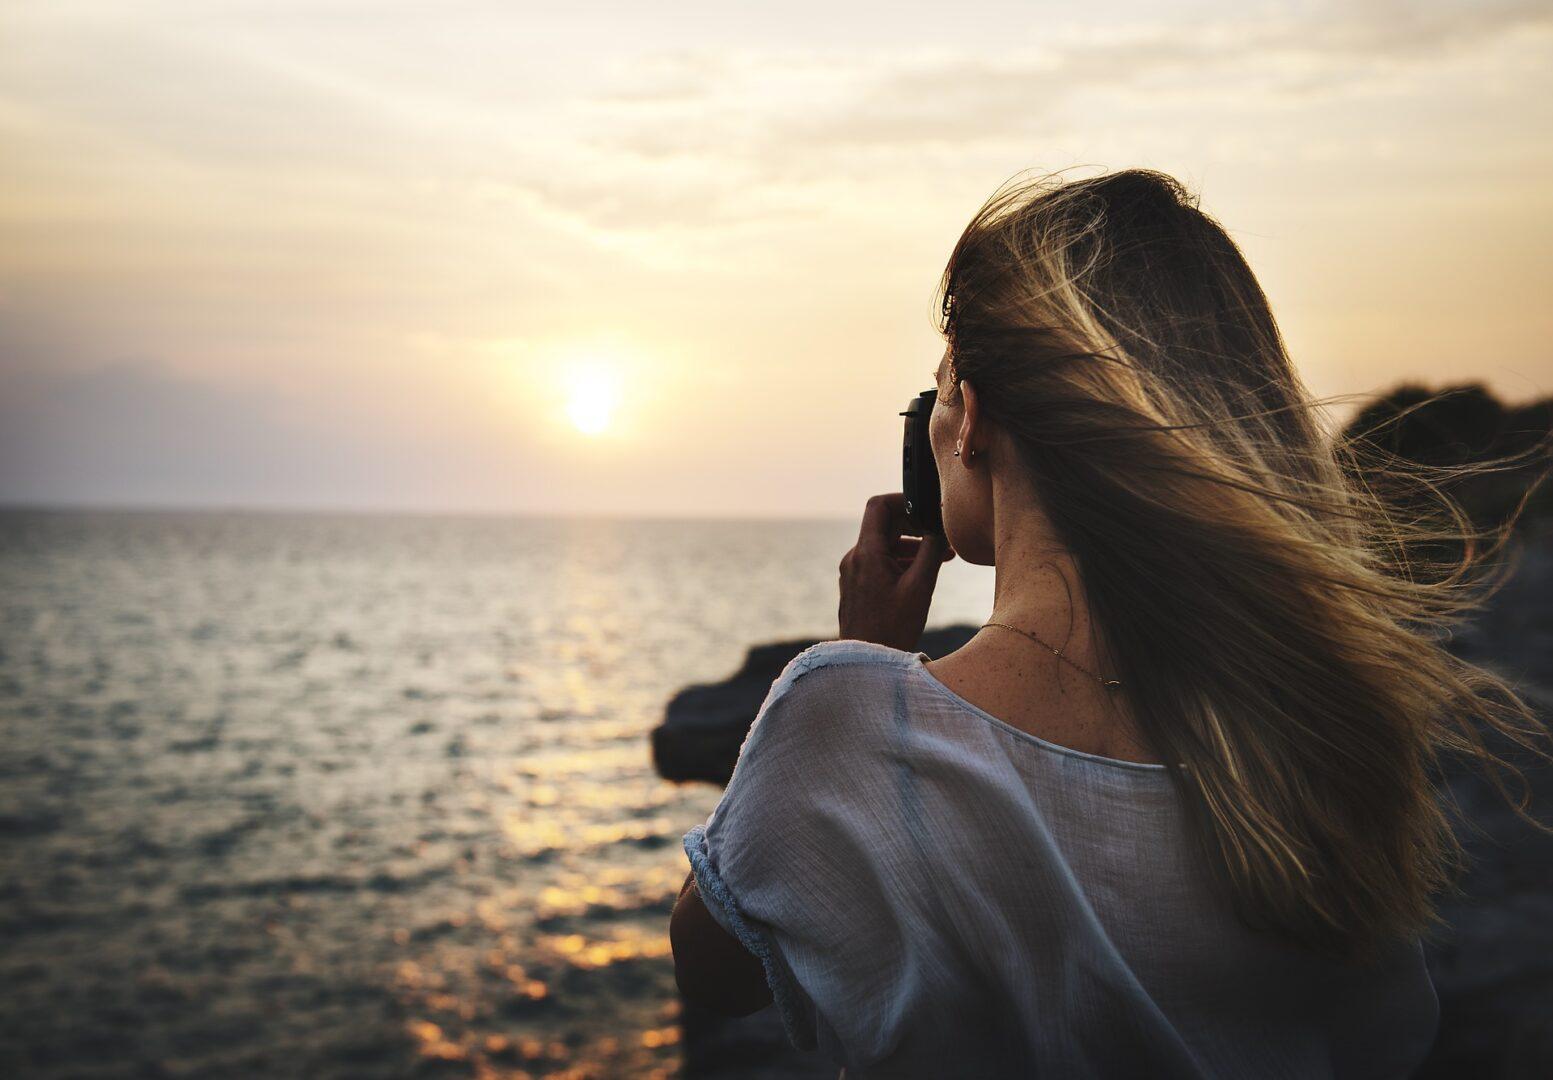 Cosa serve per la fotografia paesaggistica?